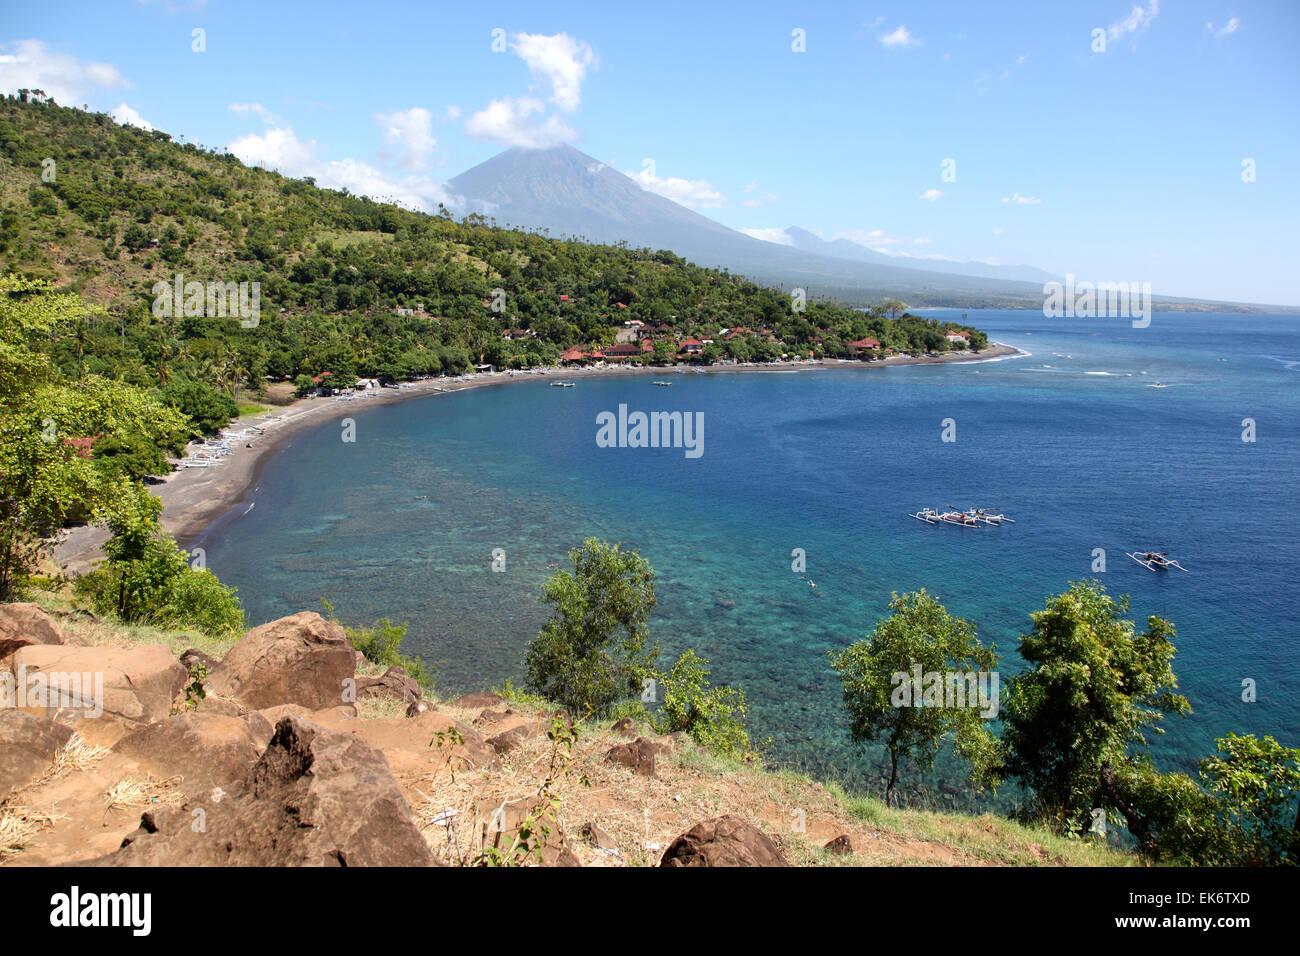 Bucht in dem Dorf Amed, Bali, Indonesien Stockbild